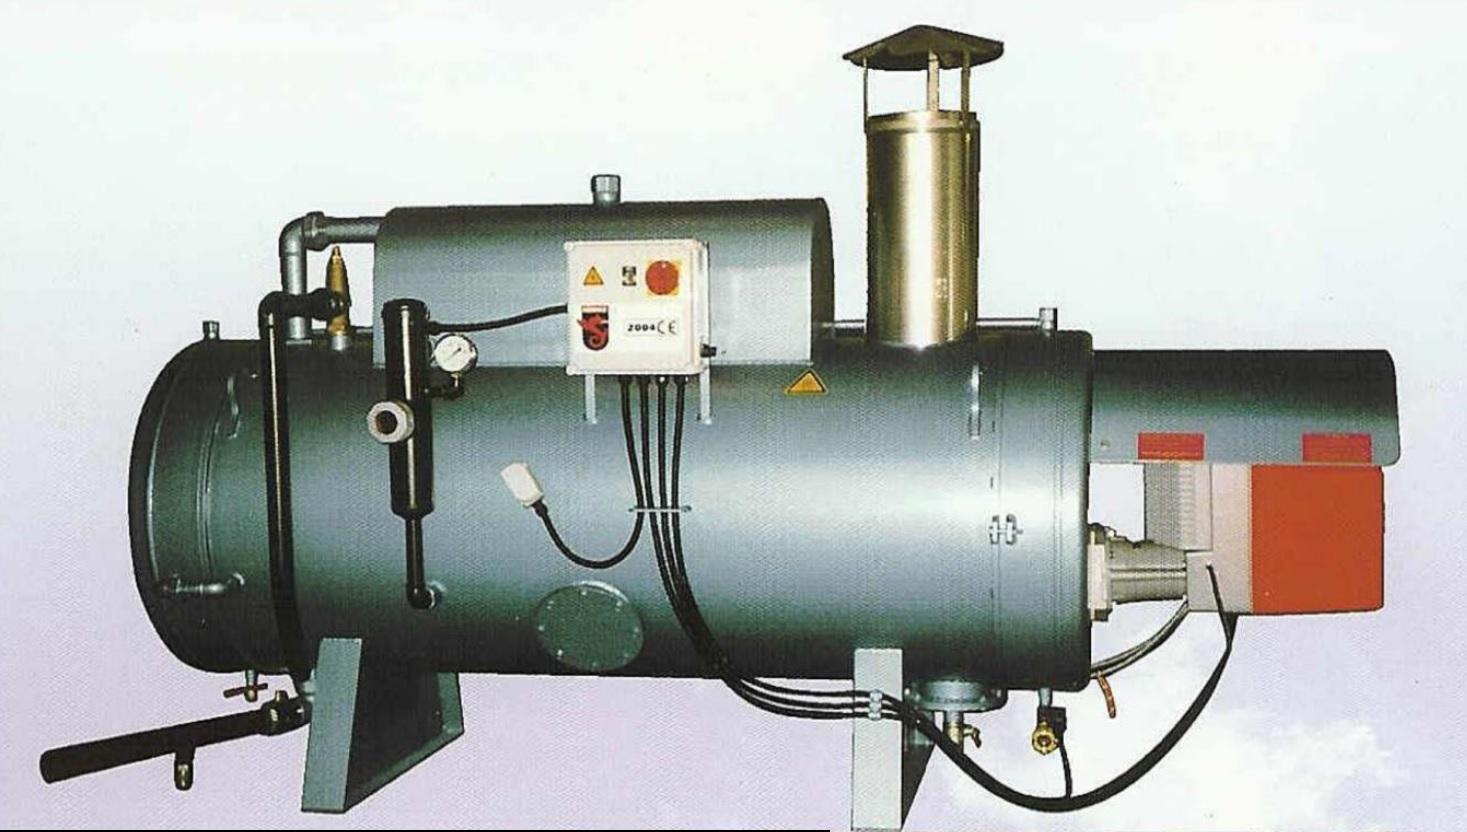 Low pressure steam generators used in food, feed industry: Elega